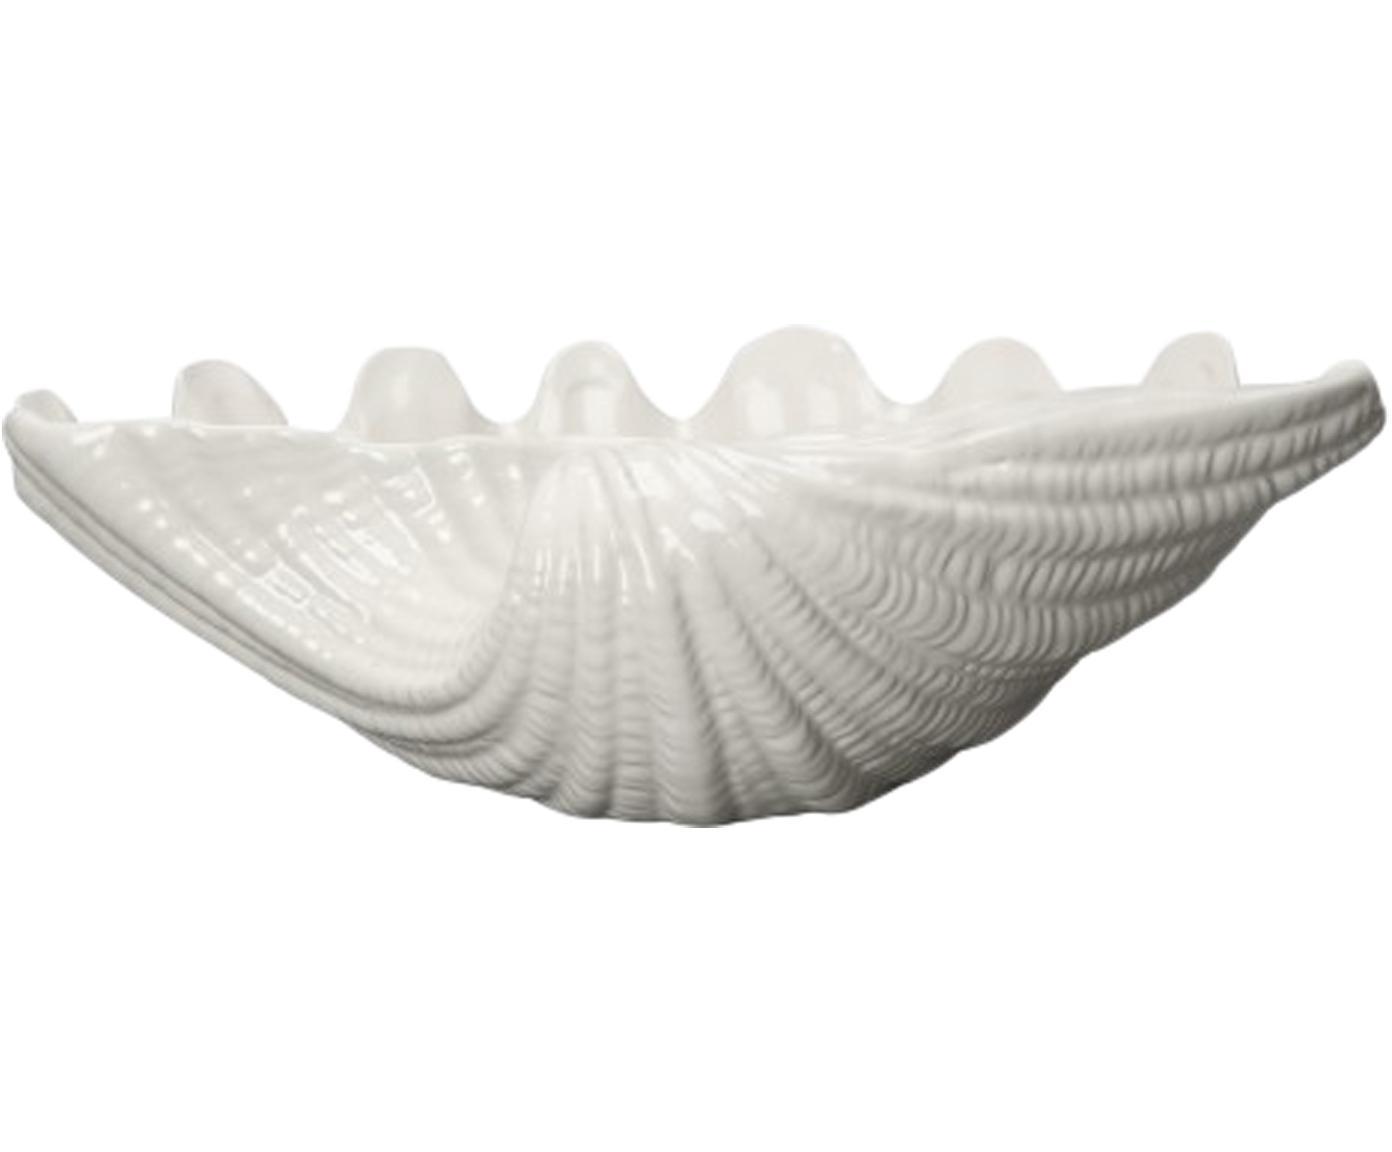 Ciotola Shell, Ceramica, Bianco, Ø 34 x Alt. 9 cm